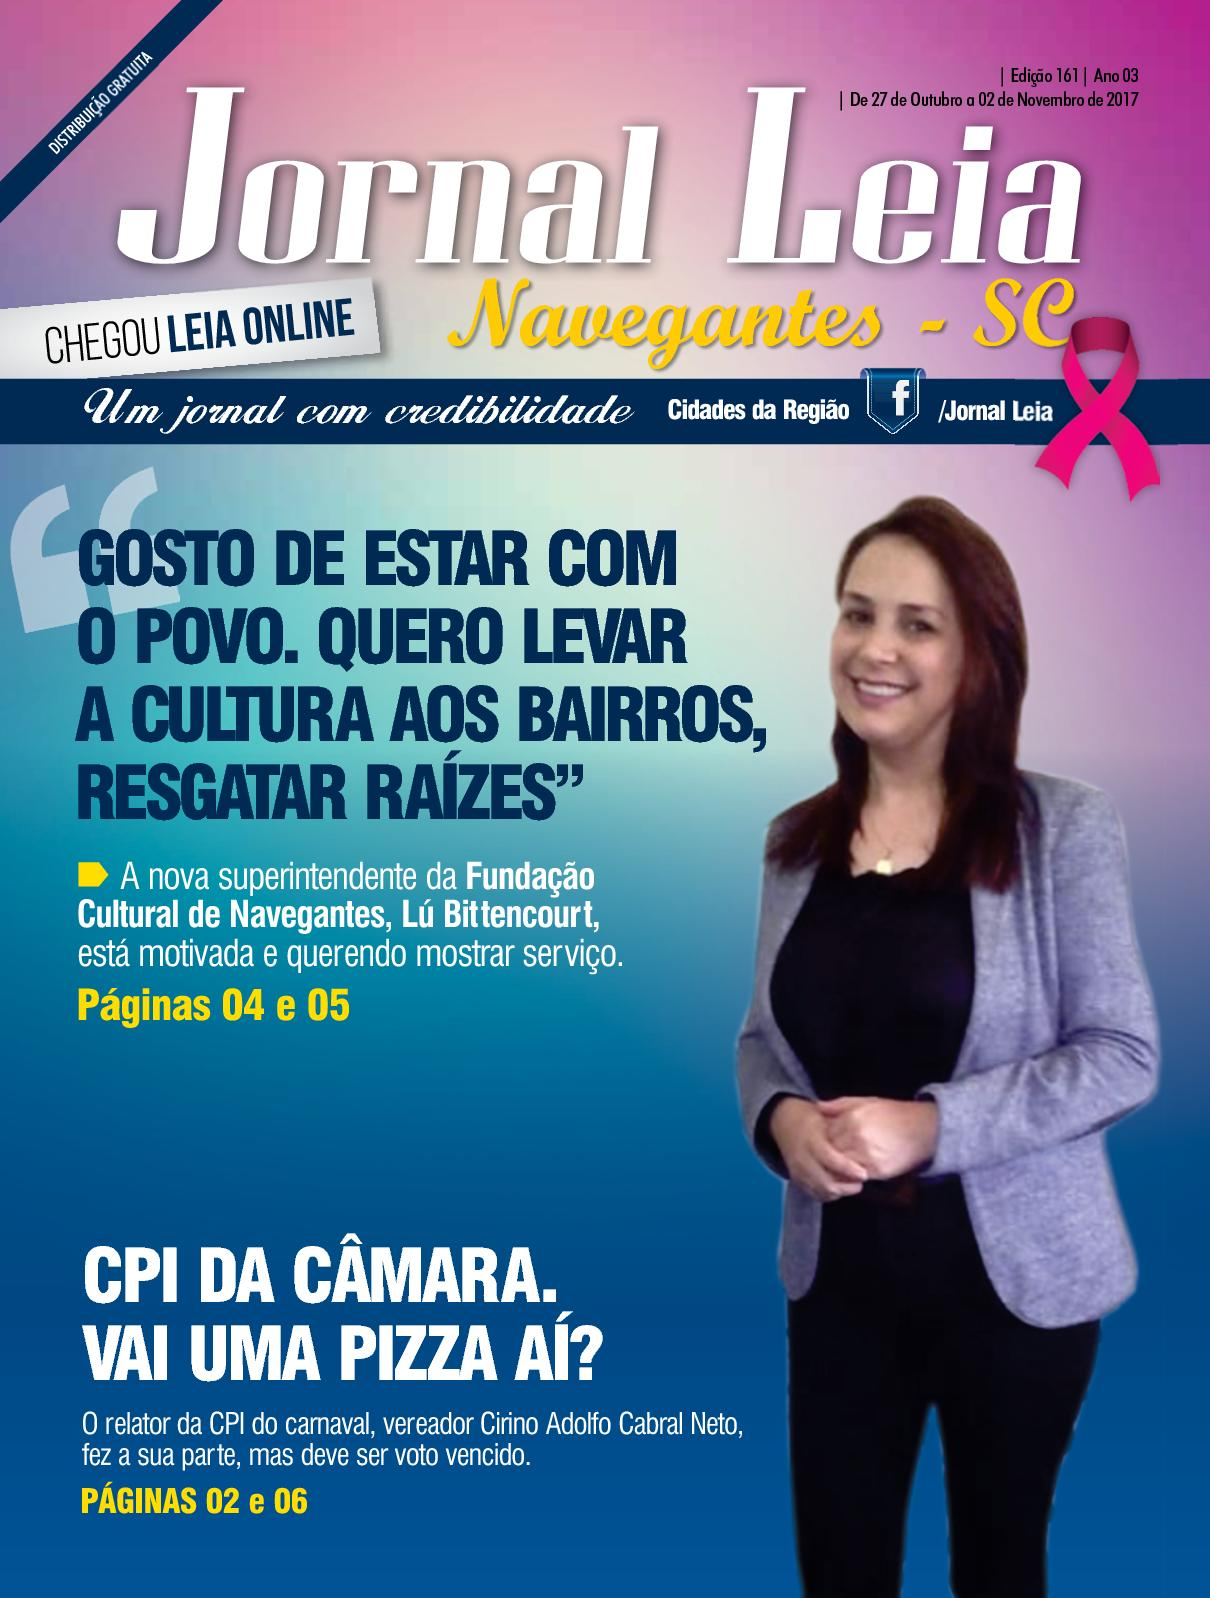 Jornal Leia - Edição Digital #161